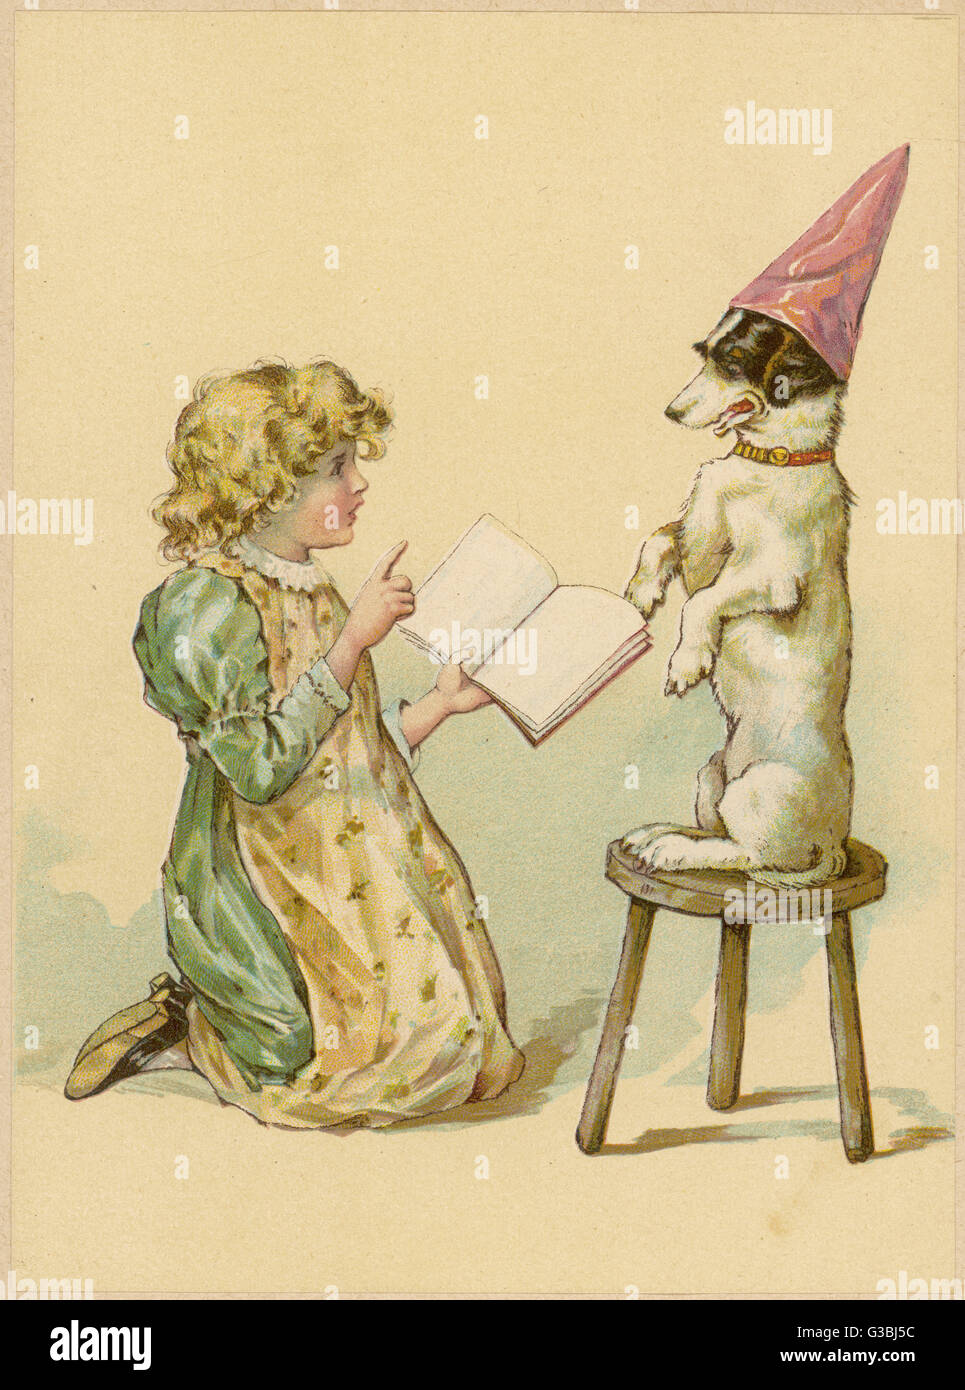 Ein junges Mädchen versucht, ihrem Hund keine neuen Tricks beibringen.        Datum: um 1890 Stockbild